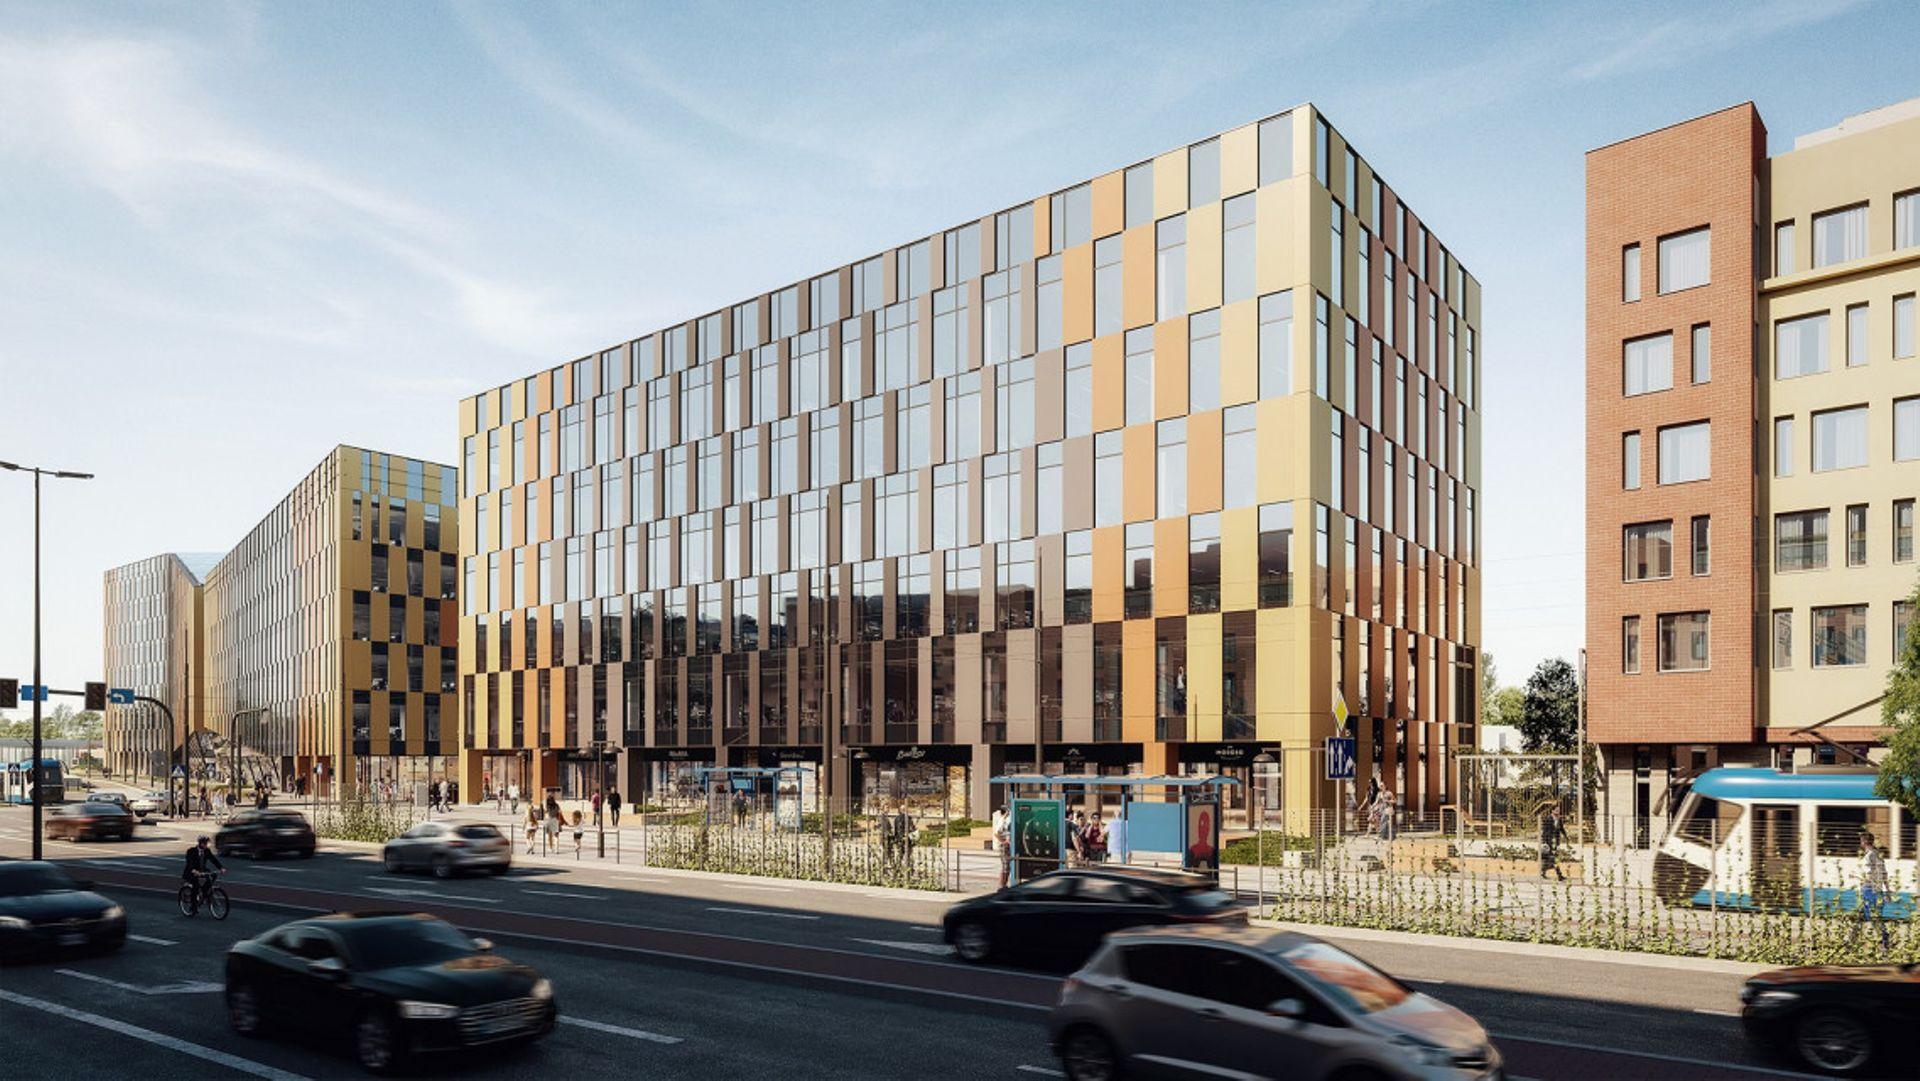 W centrum Krakowa trwa budowa trzeciego etapu kompleksu biurowego High5ive